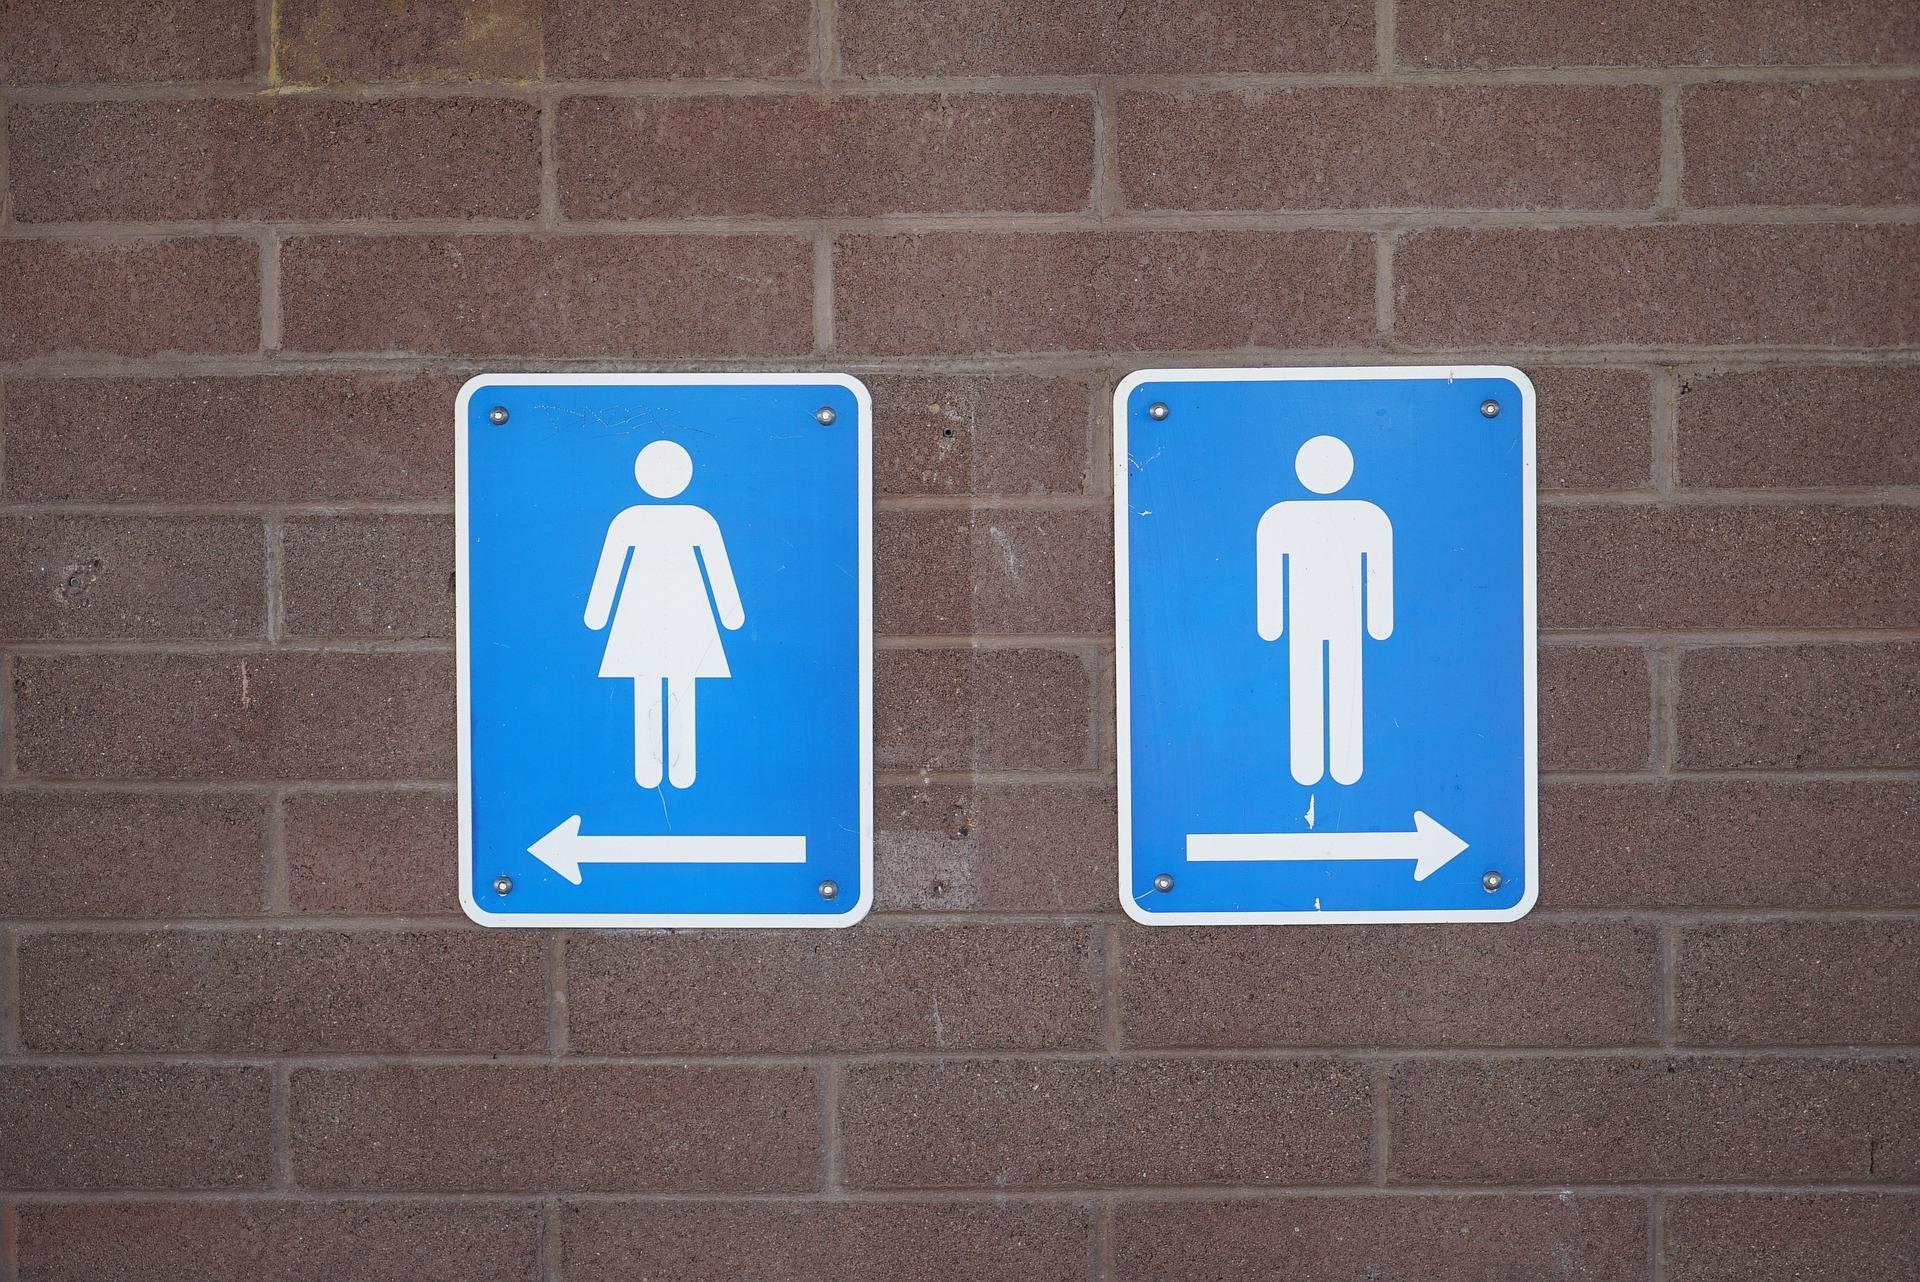 wall 3087292 1920 - Unfall auf der Toilette | Gesetzliche Unfallversicherung greift nicht